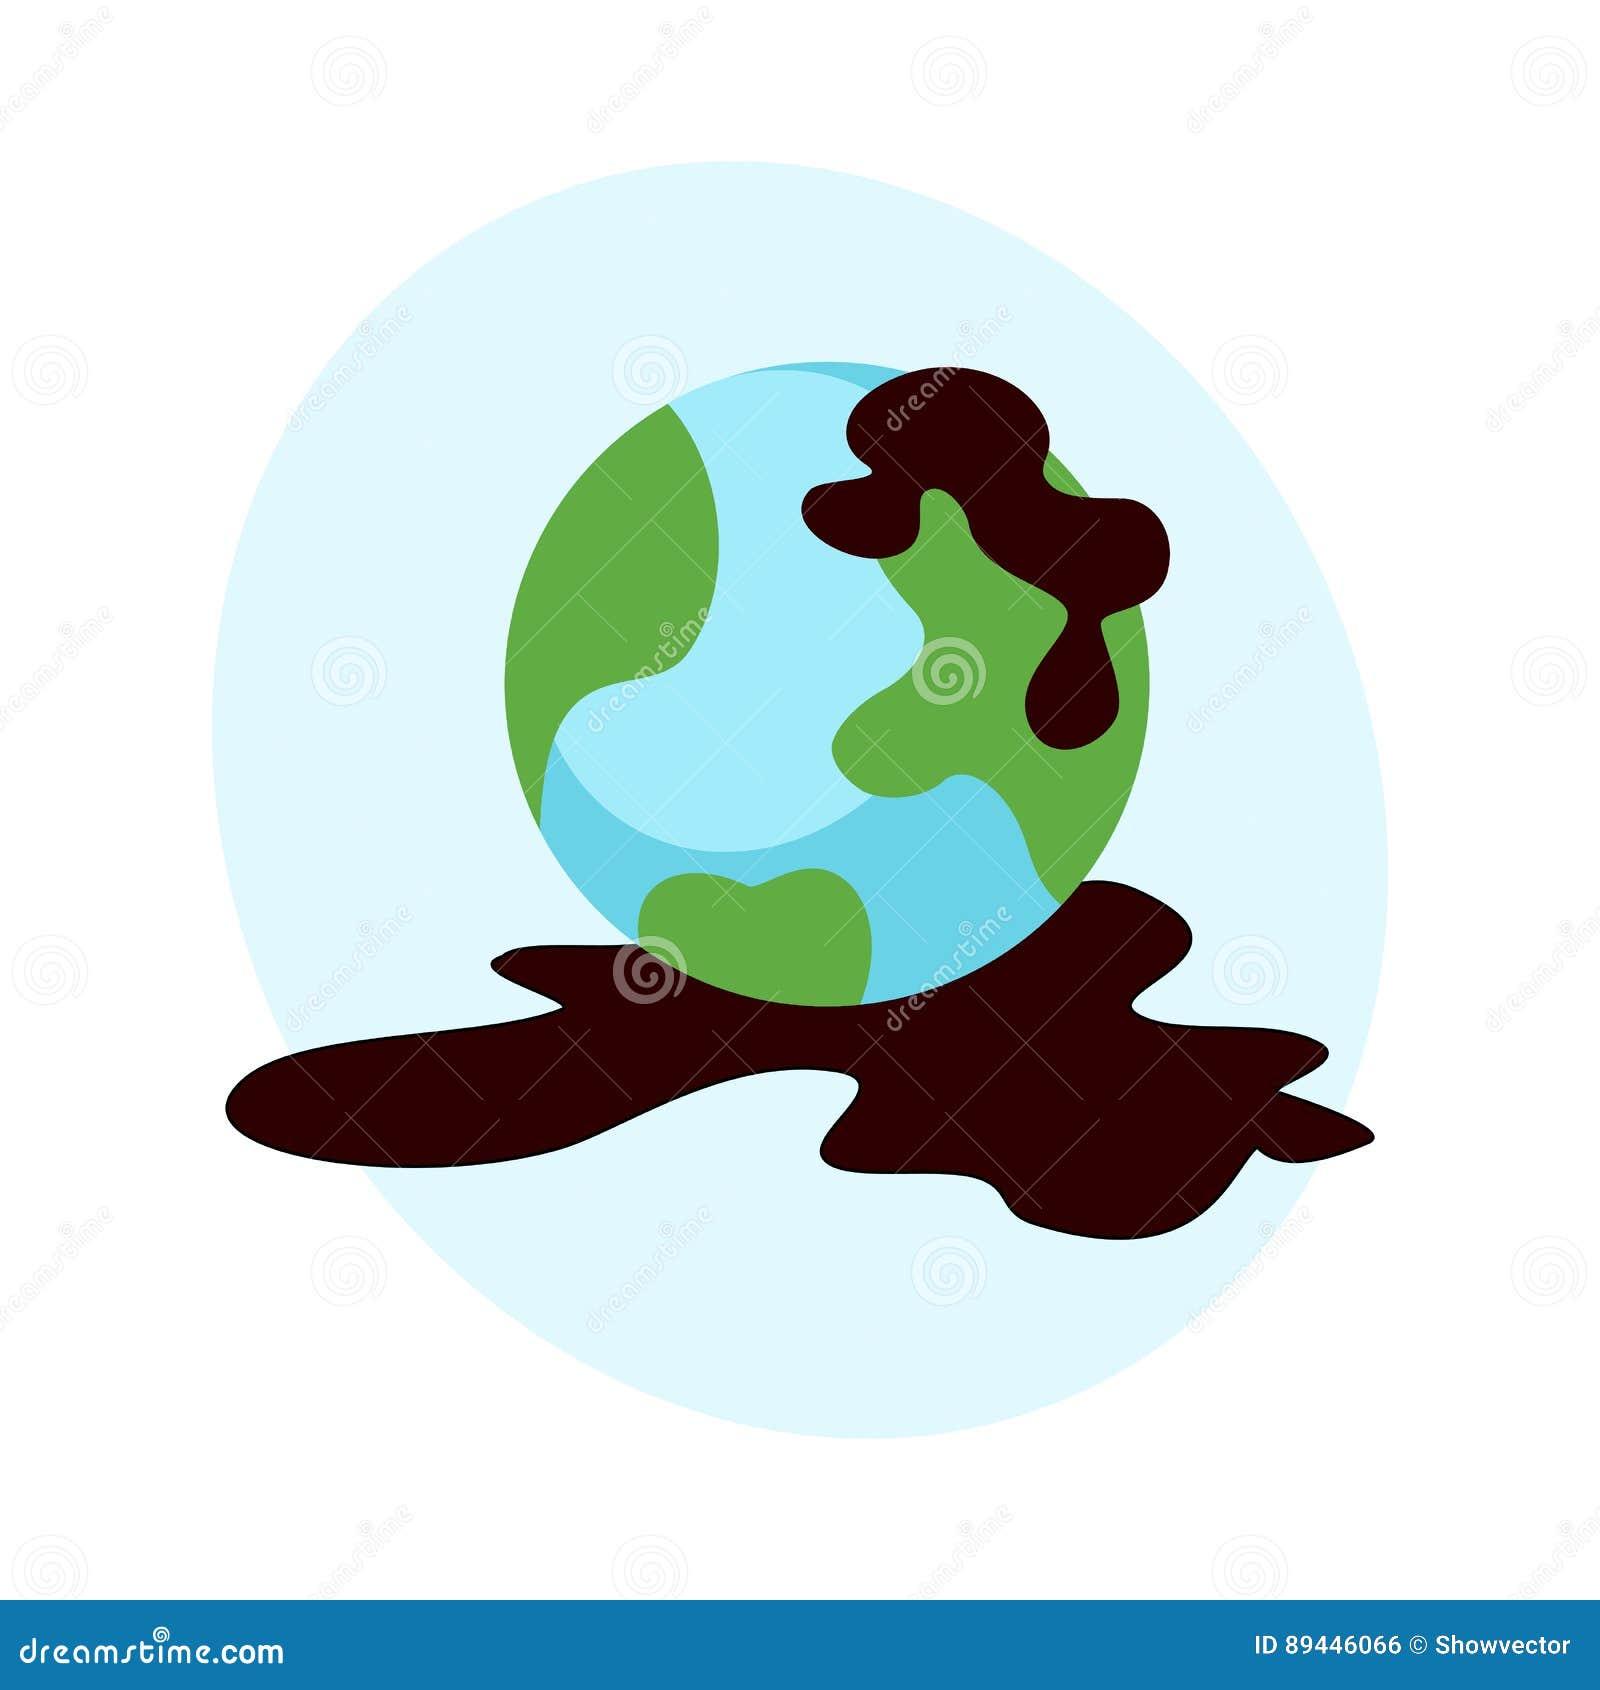 Klimaölverschmutzung der ökologischen Probleme des Wassererdvektors